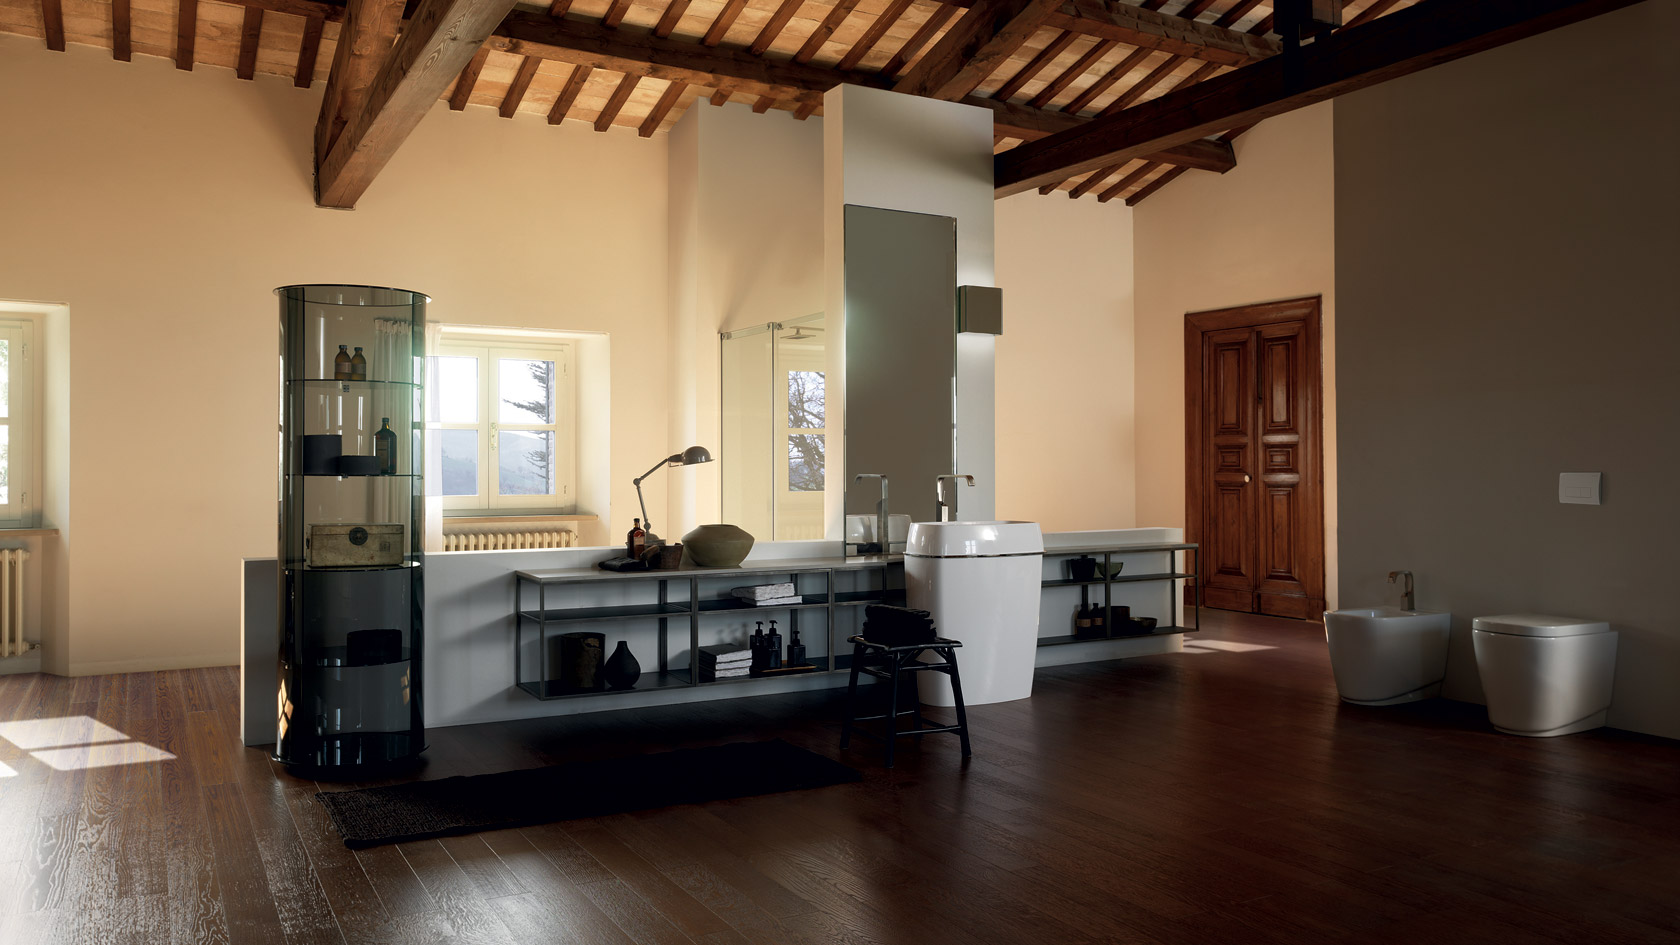 Vasca Da Bagno Kami Scavolini : Vasca da bagno piccola vasche ad angolo bagno vasche angolari